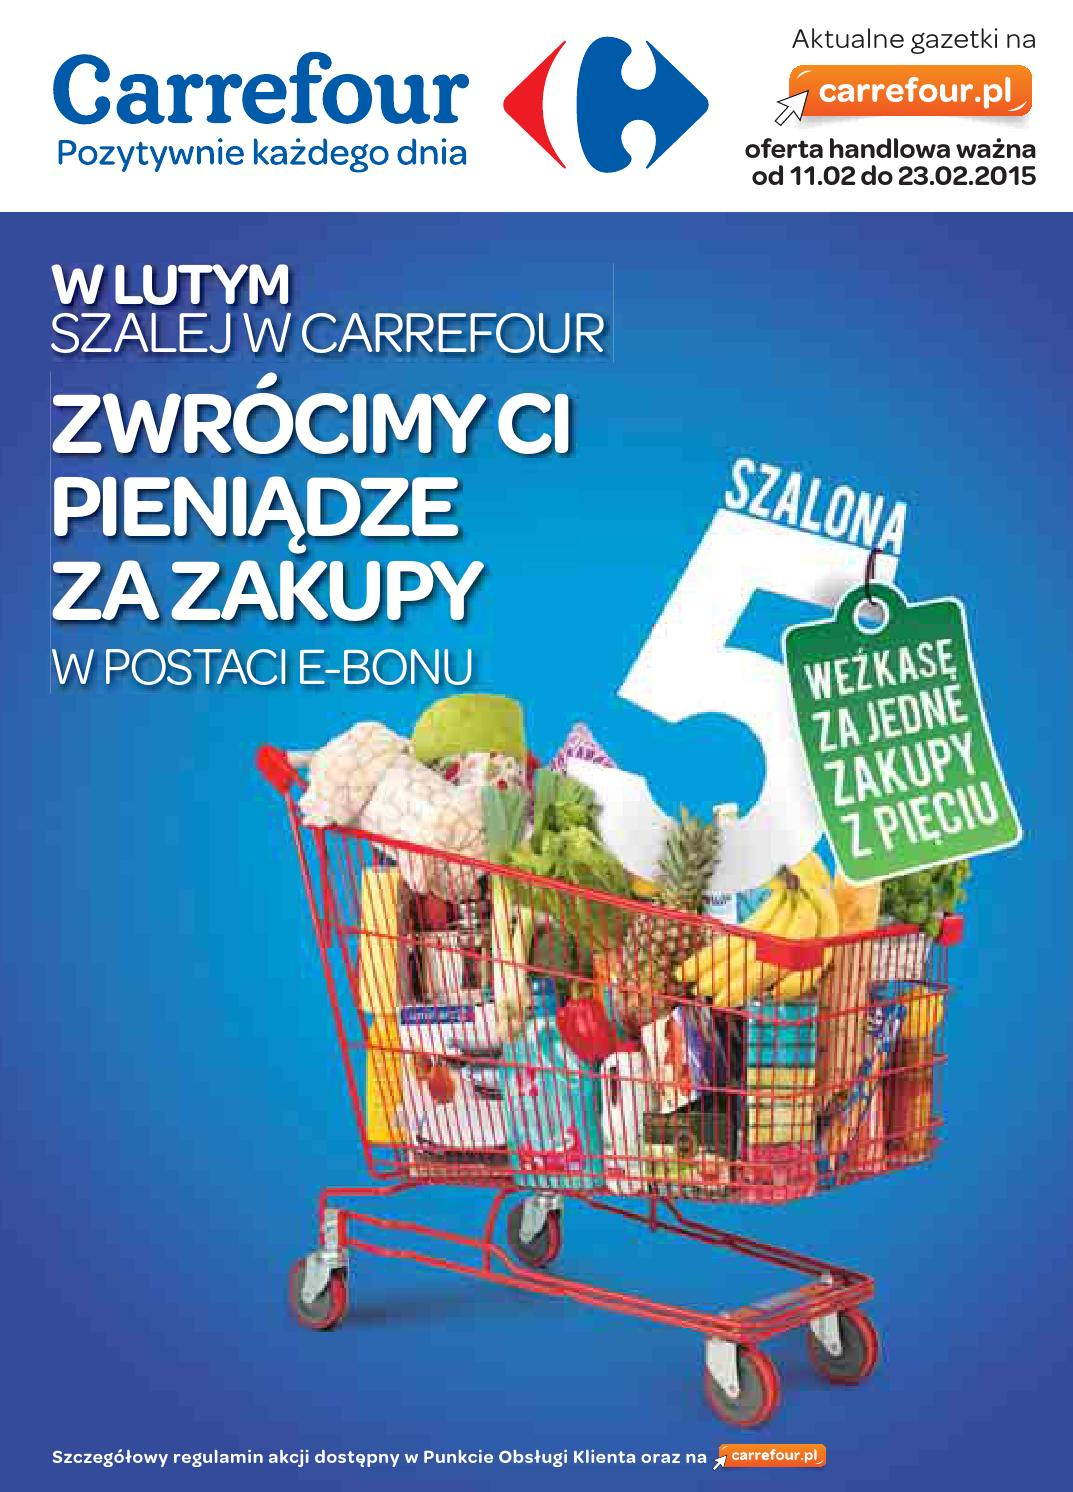 Gazetka Carrefour By Stronazpromocjamipl Issuu